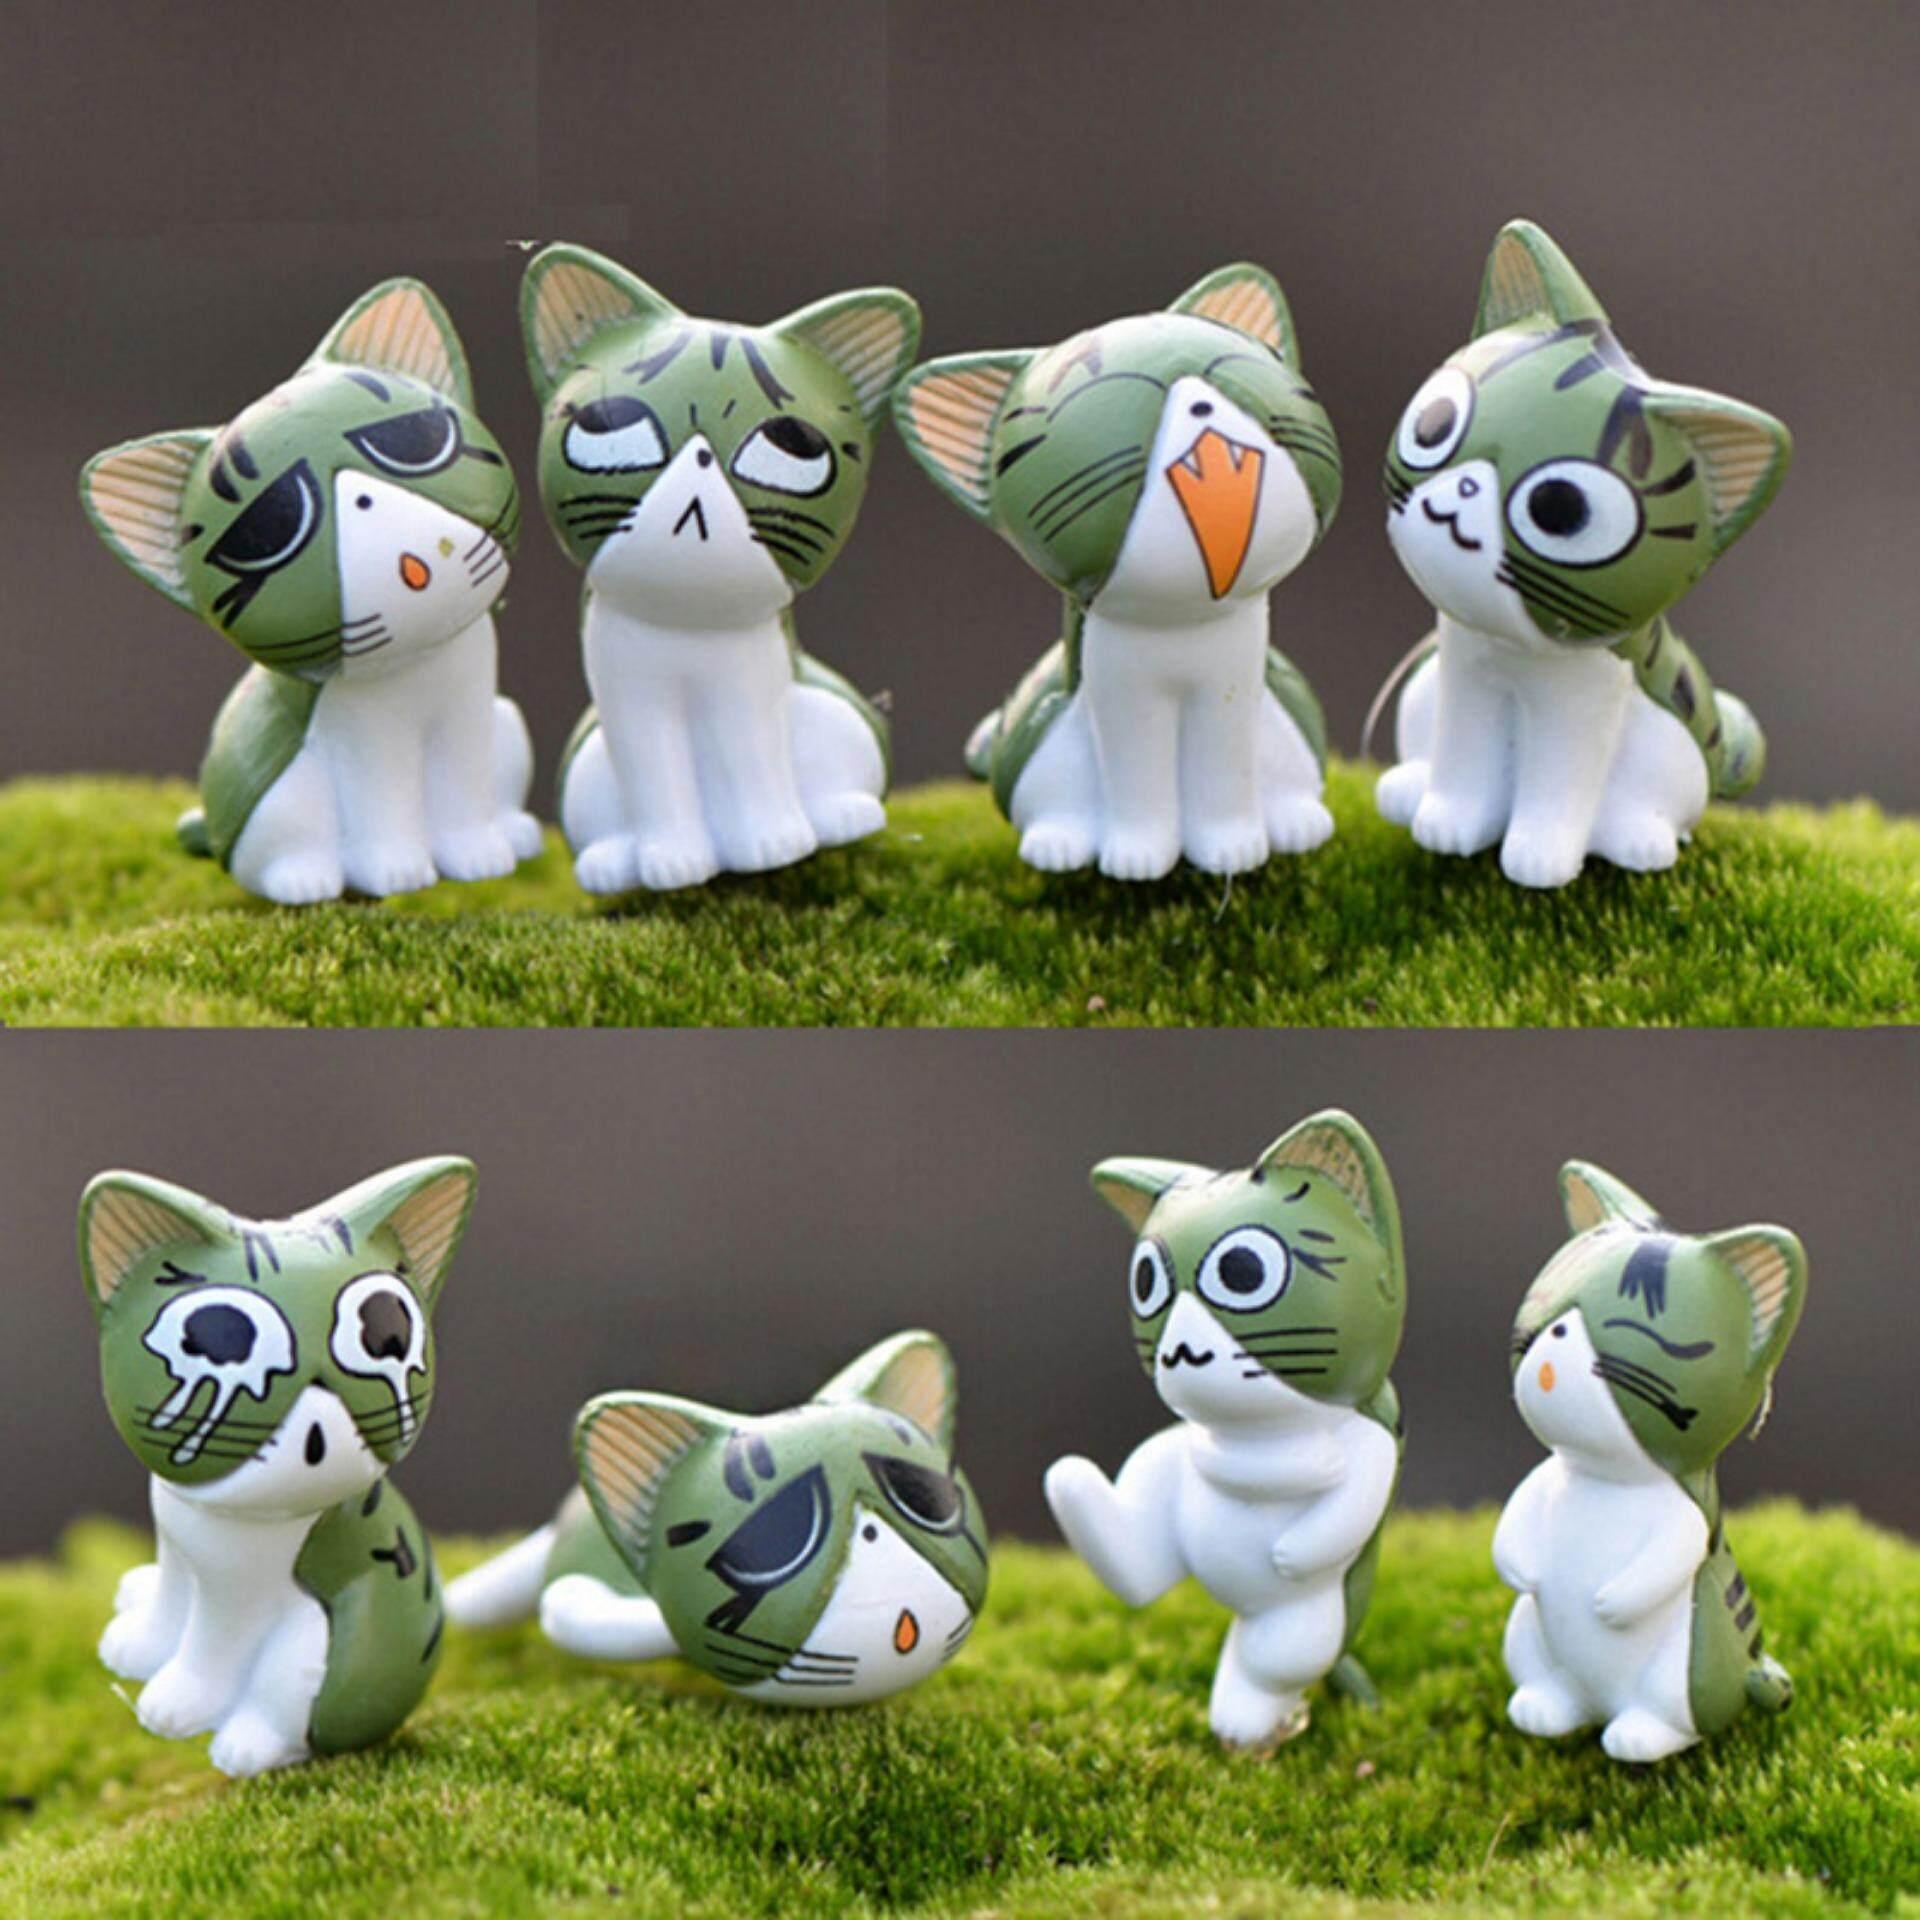 Fashion 8 Pcs Kawaii Keju Kucing Kitty Patung Miniatur Resin Kucing Figurin Kucing Mini Patung Taman